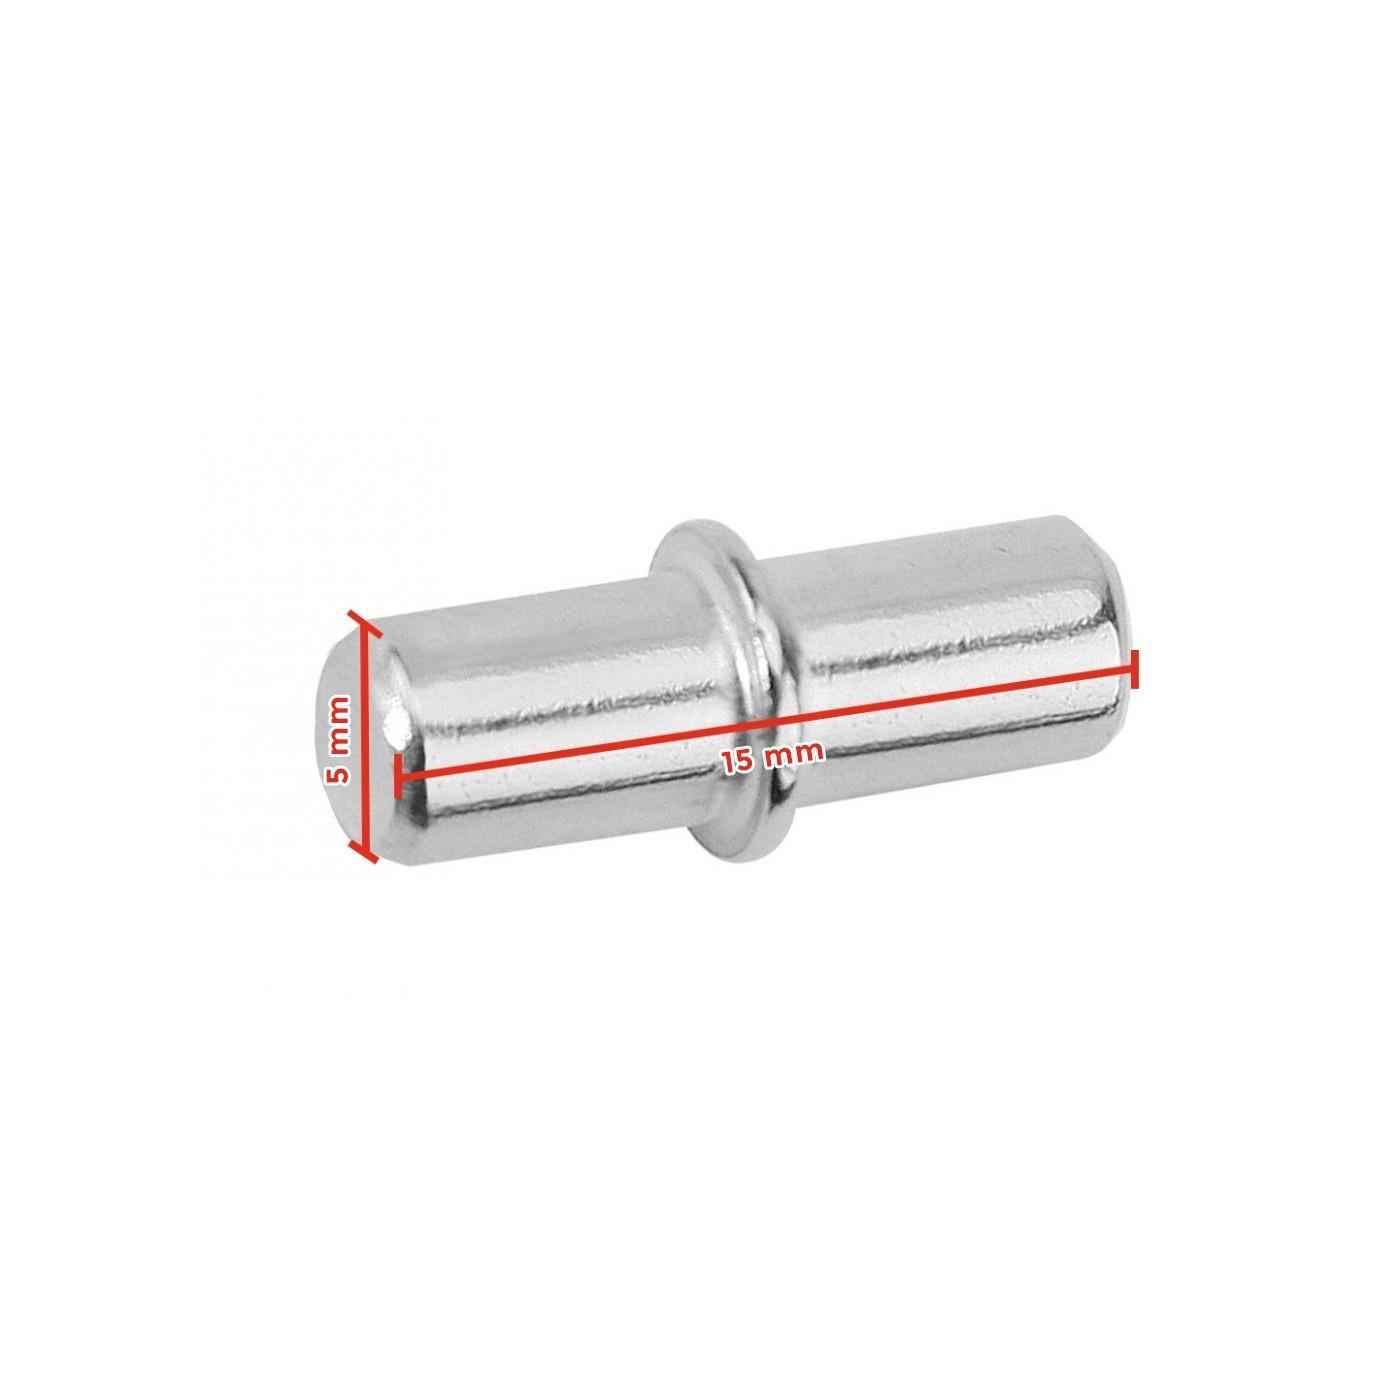 Conjunto de suportes para prateleiras (150 peças), pinos de metal, 5x15 mm  - 1